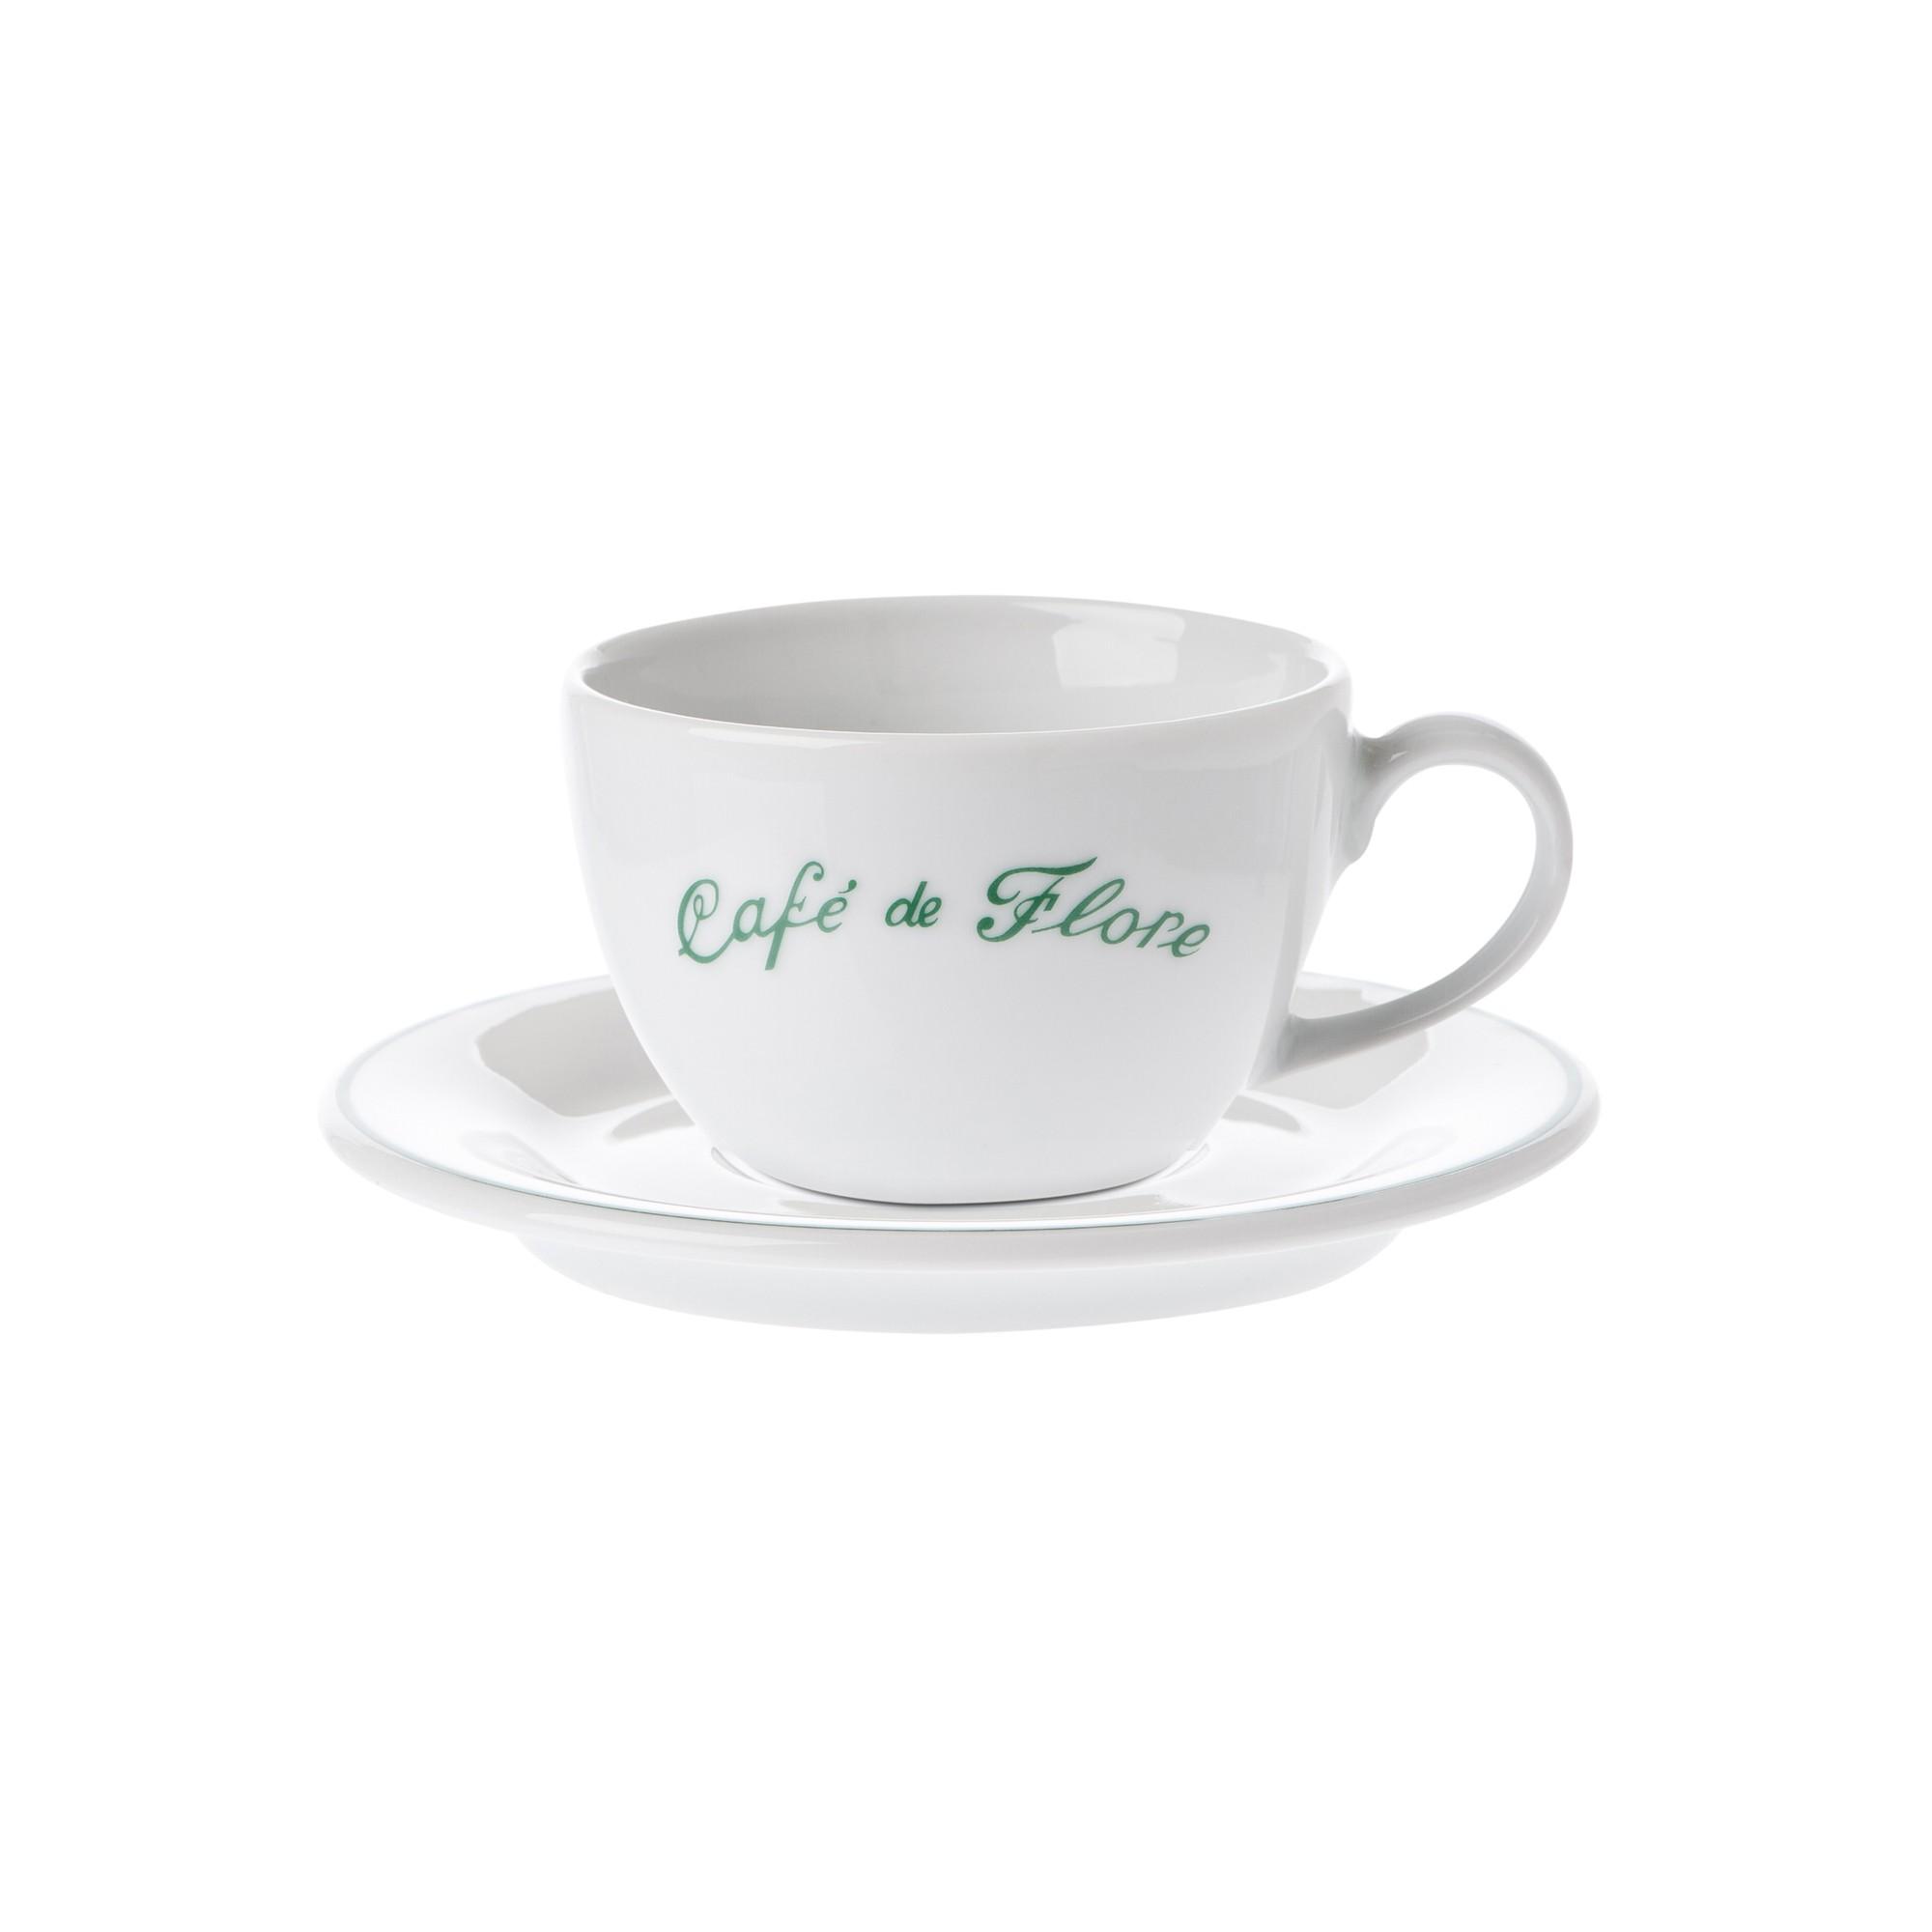 Café de Flore Cup